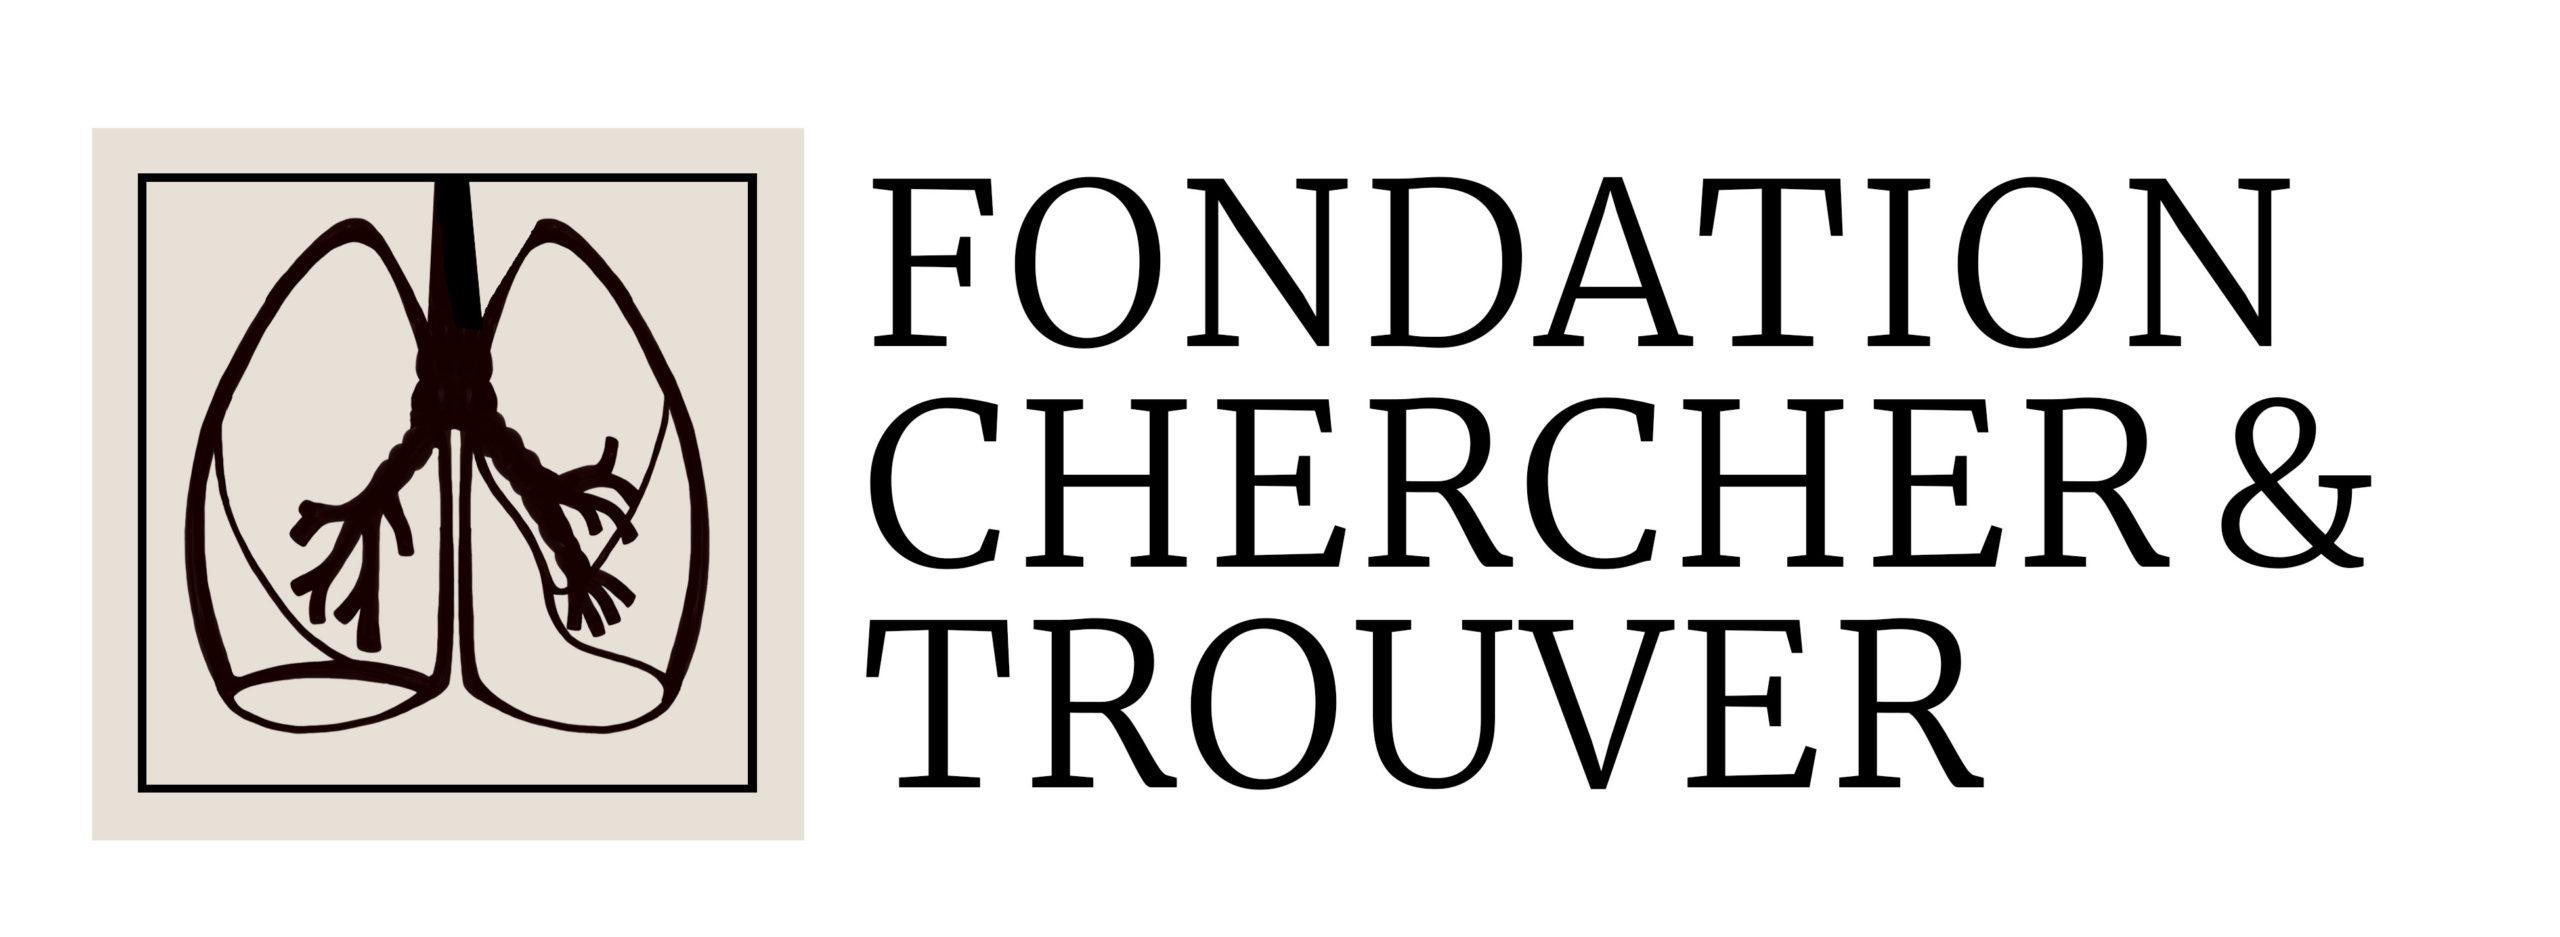 Fondation Chercher et Trouver